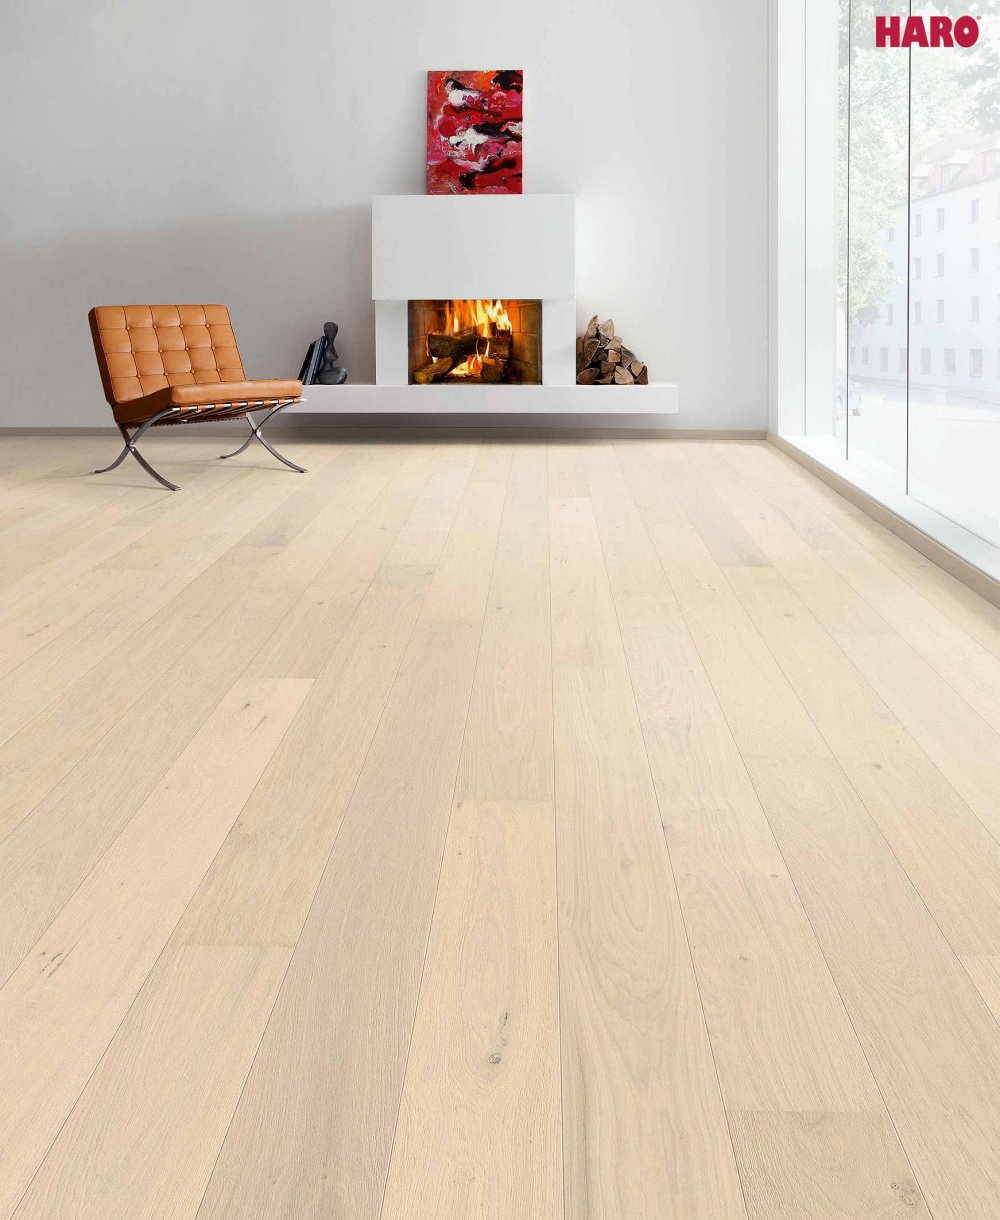 535443 haro parkett landhausdiele 4000 eiche sandweiss markant natur strukturiert 2v fase. Black Bedroom Furniture Sets. Home Design Ideas